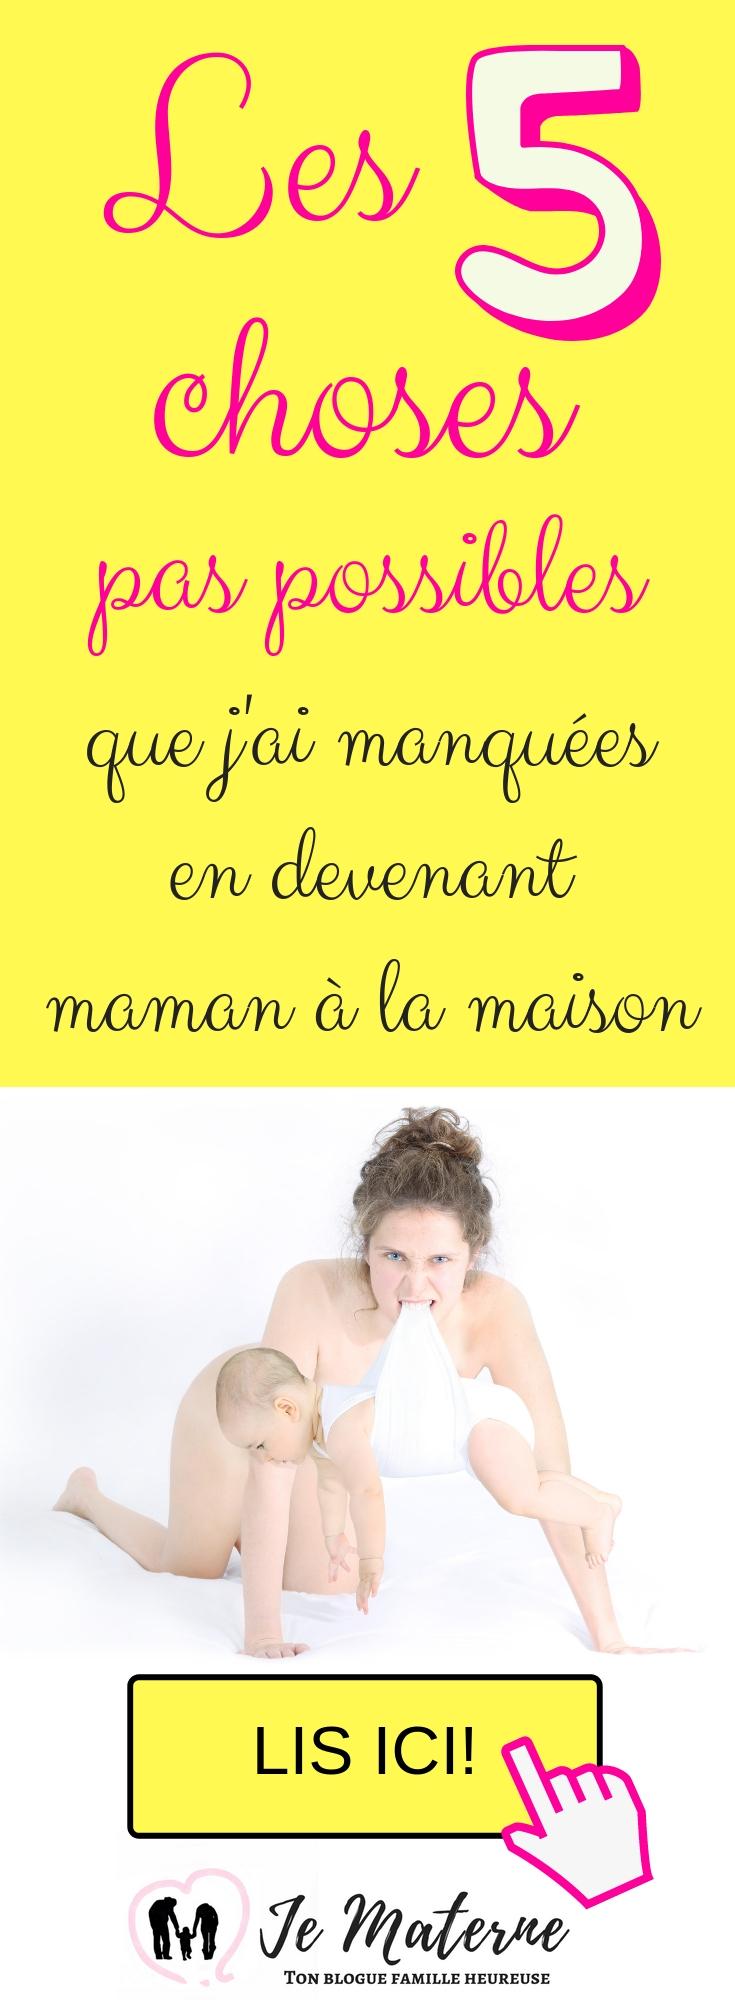 Les 5 choses que j'ai manquées en devenant maman à la maison - à lire absolument sur JeMaterne.com #viedemaman #maman #bébé #enfants http://jematerne.com/2018/09/16/5-choses-pas-possibles-que-jai-manquees-en-devenant-maman-a-la-maison-2/